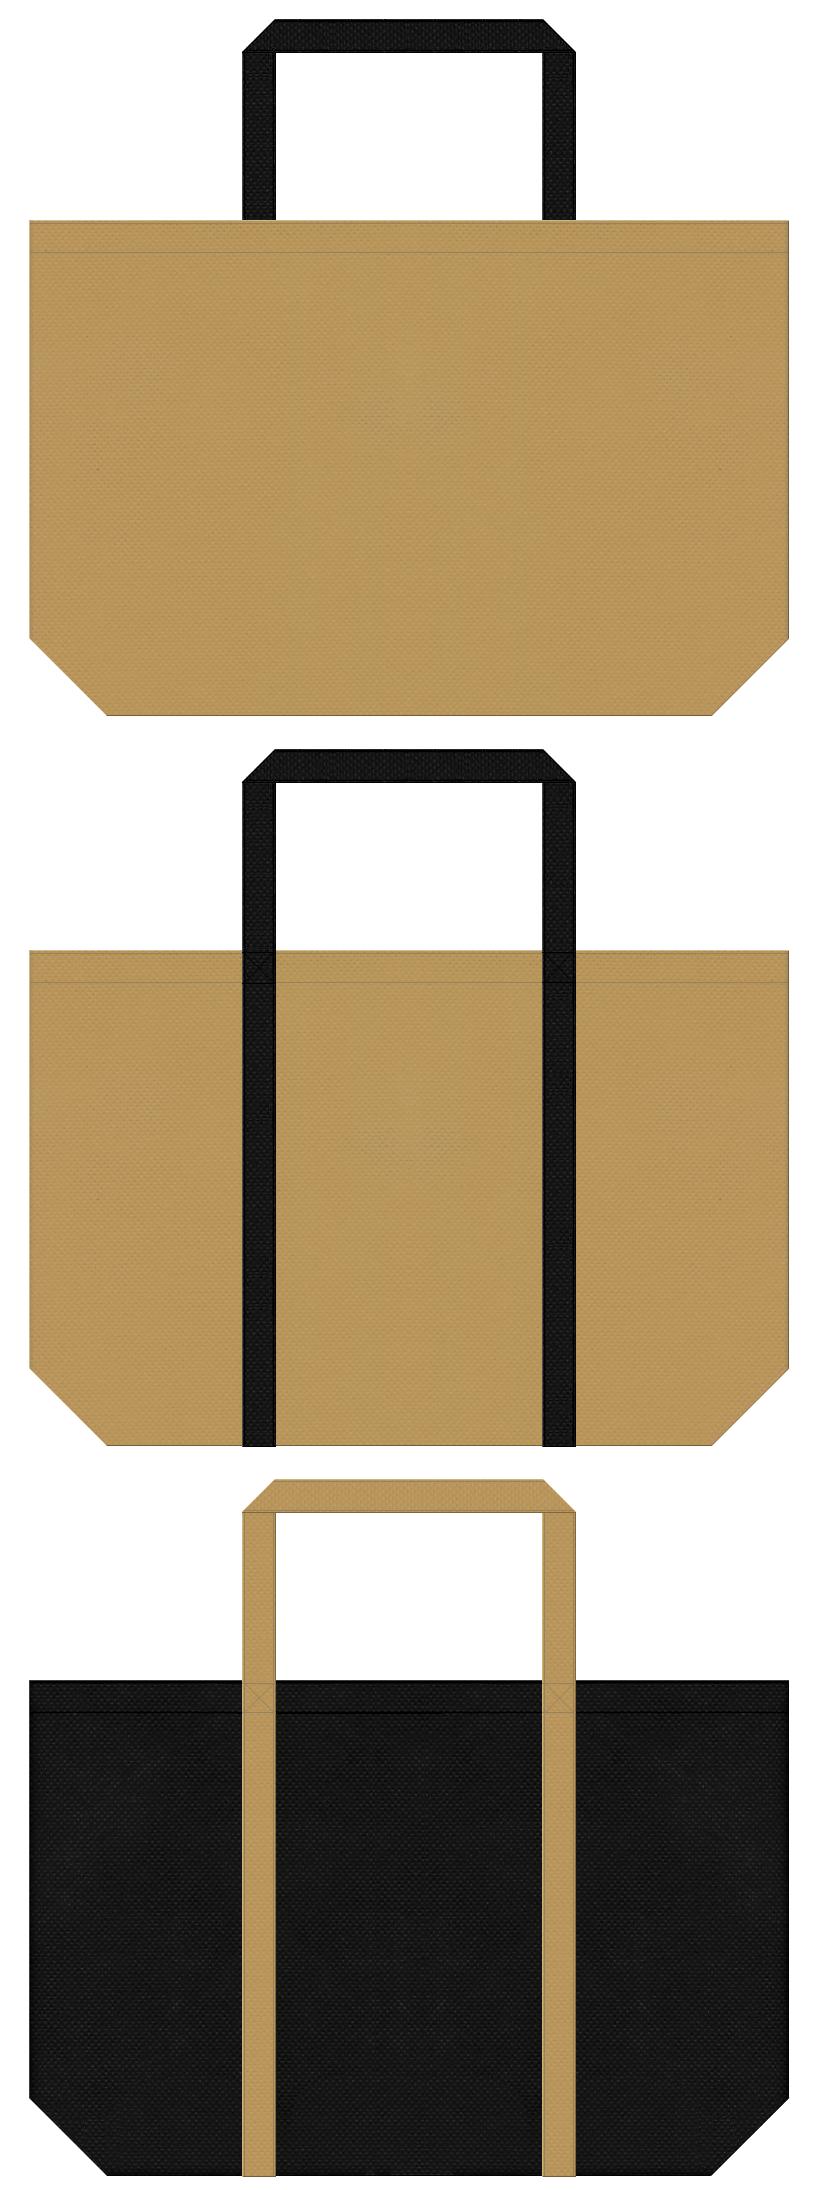 ゲーム・大名・戦国・お城イベント・襖・額縁・書道・焼酎・印籠・提灯・民芸品のショッピングバッグにお奨めの不織布バッグデザイン:マスタード色と黒色のコーデ